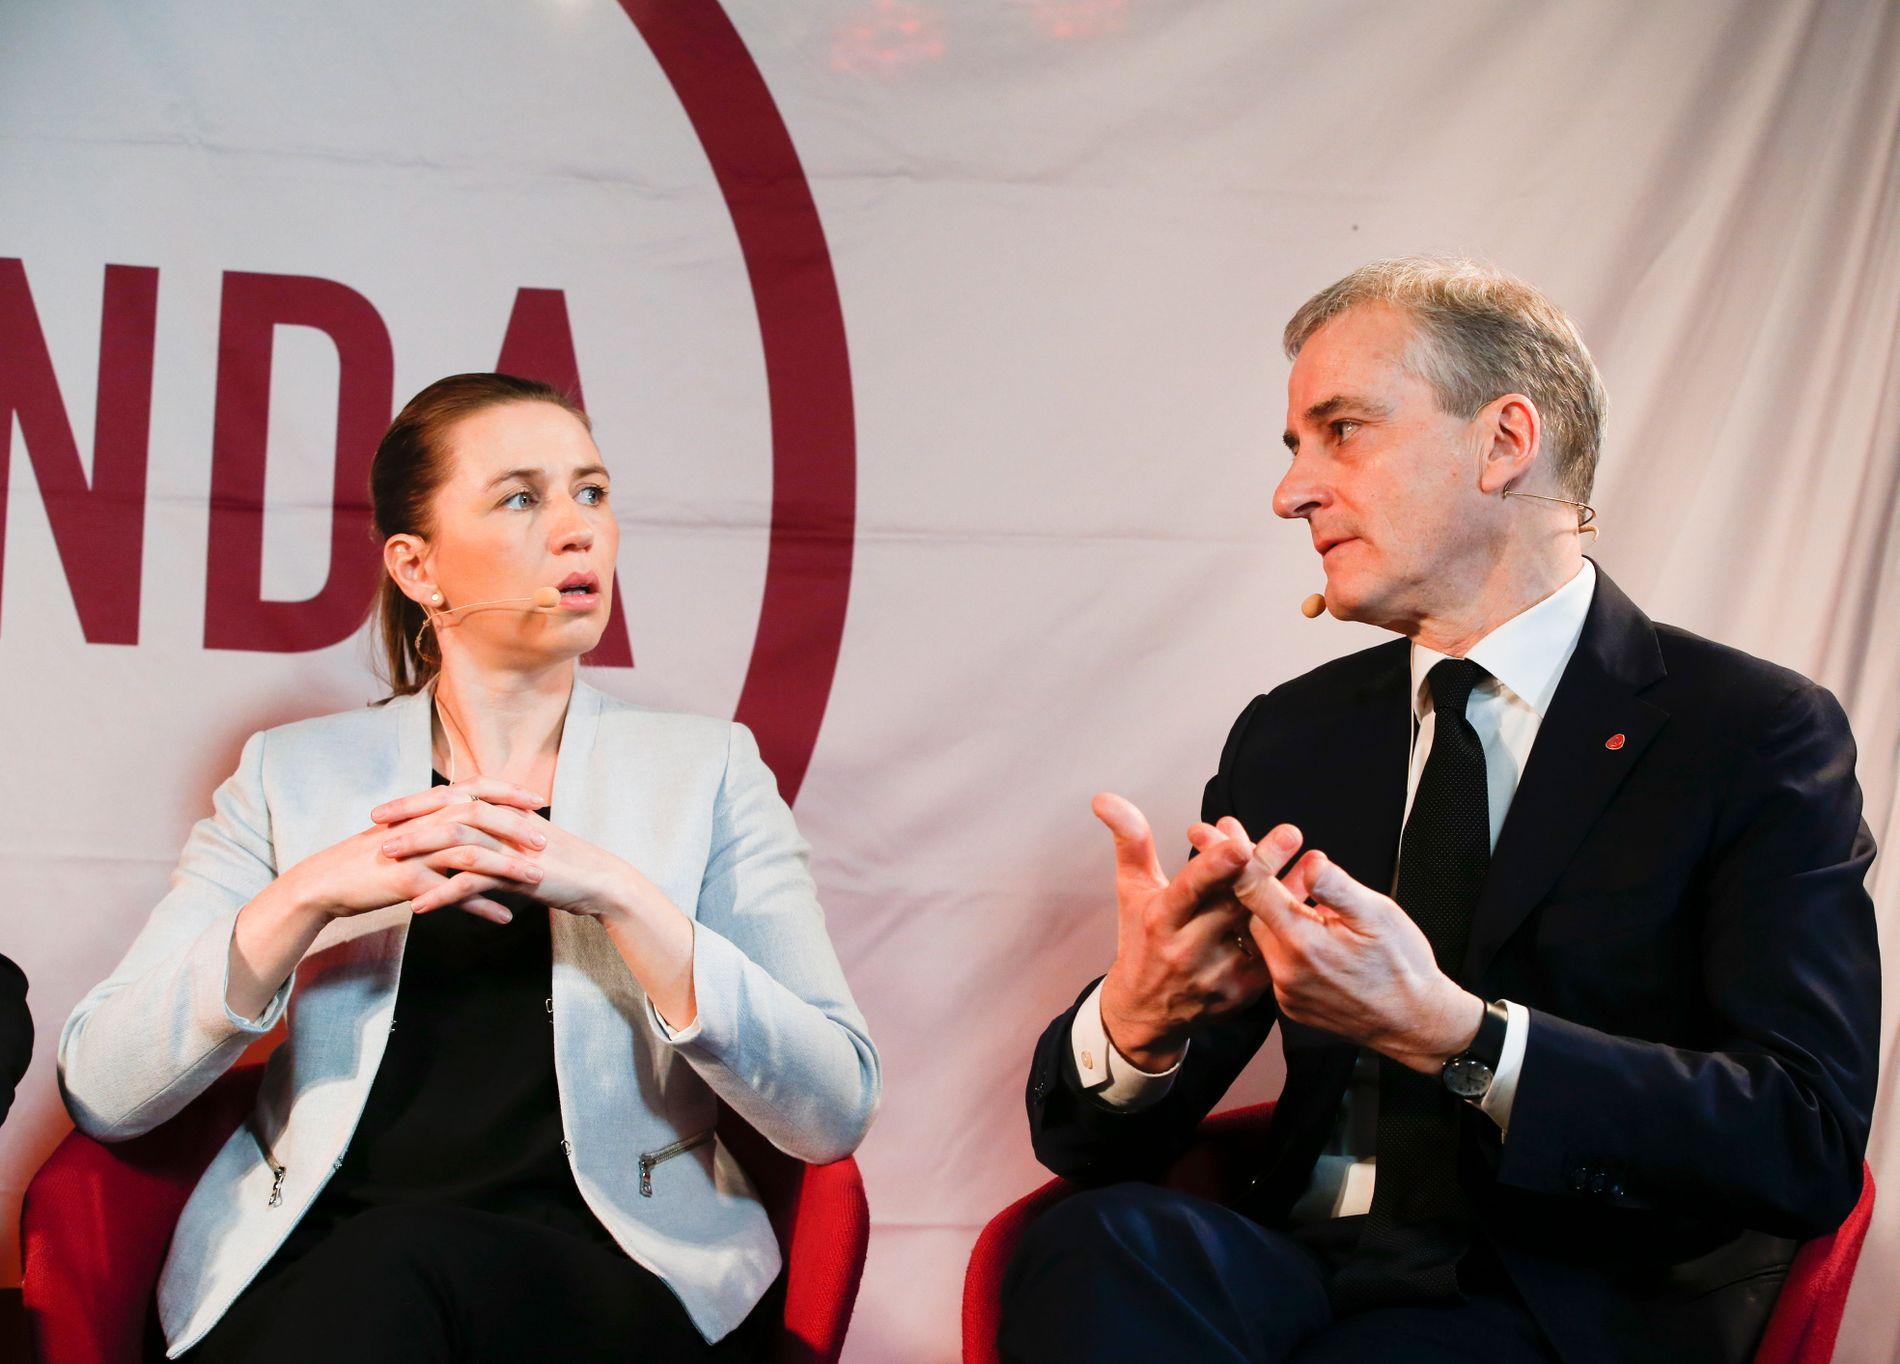 NY LINJE: Socialdemokratiet-leder Mette Fredriksens nye forslag i asylpolitikken har ikke gått ubemerket hen. Også Ap-leder Jonas Gahr Støre støtter en tøff linje. Her er de to undeer møte i Oslo i januar 2017.